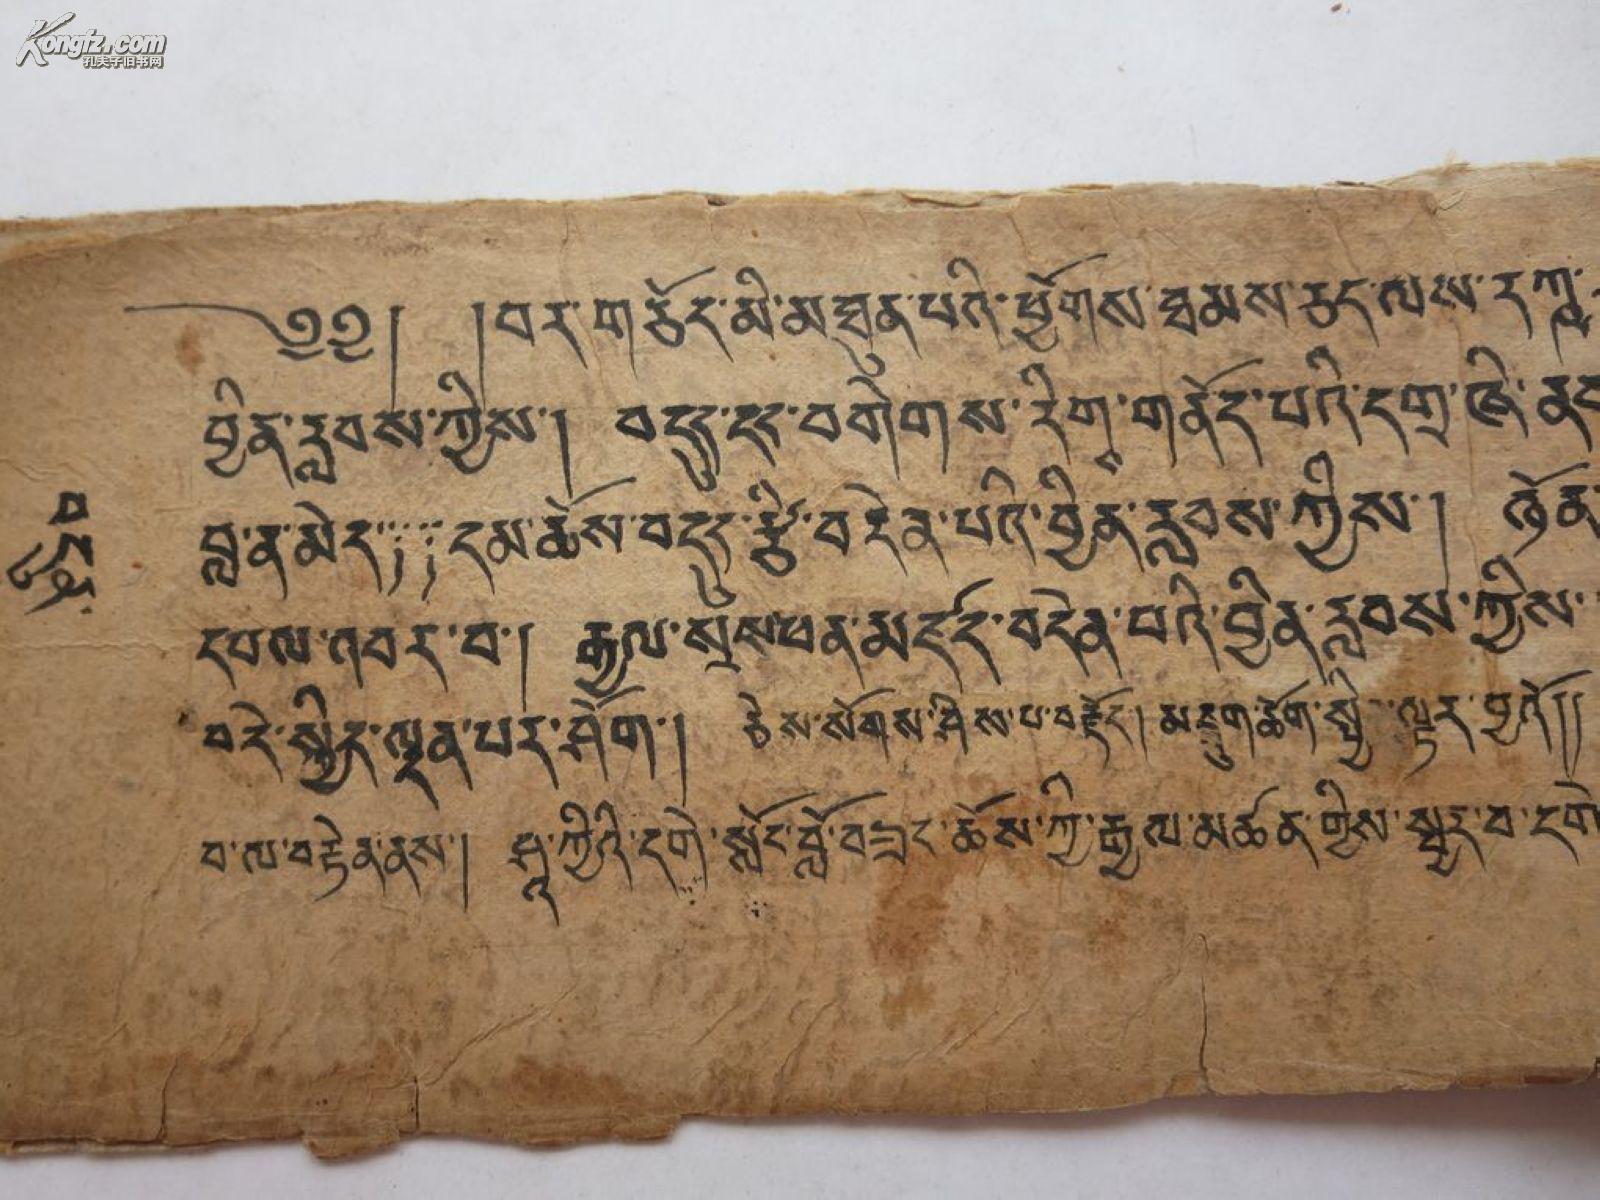 藏文我爱你 藏语 藏语我爱你图片